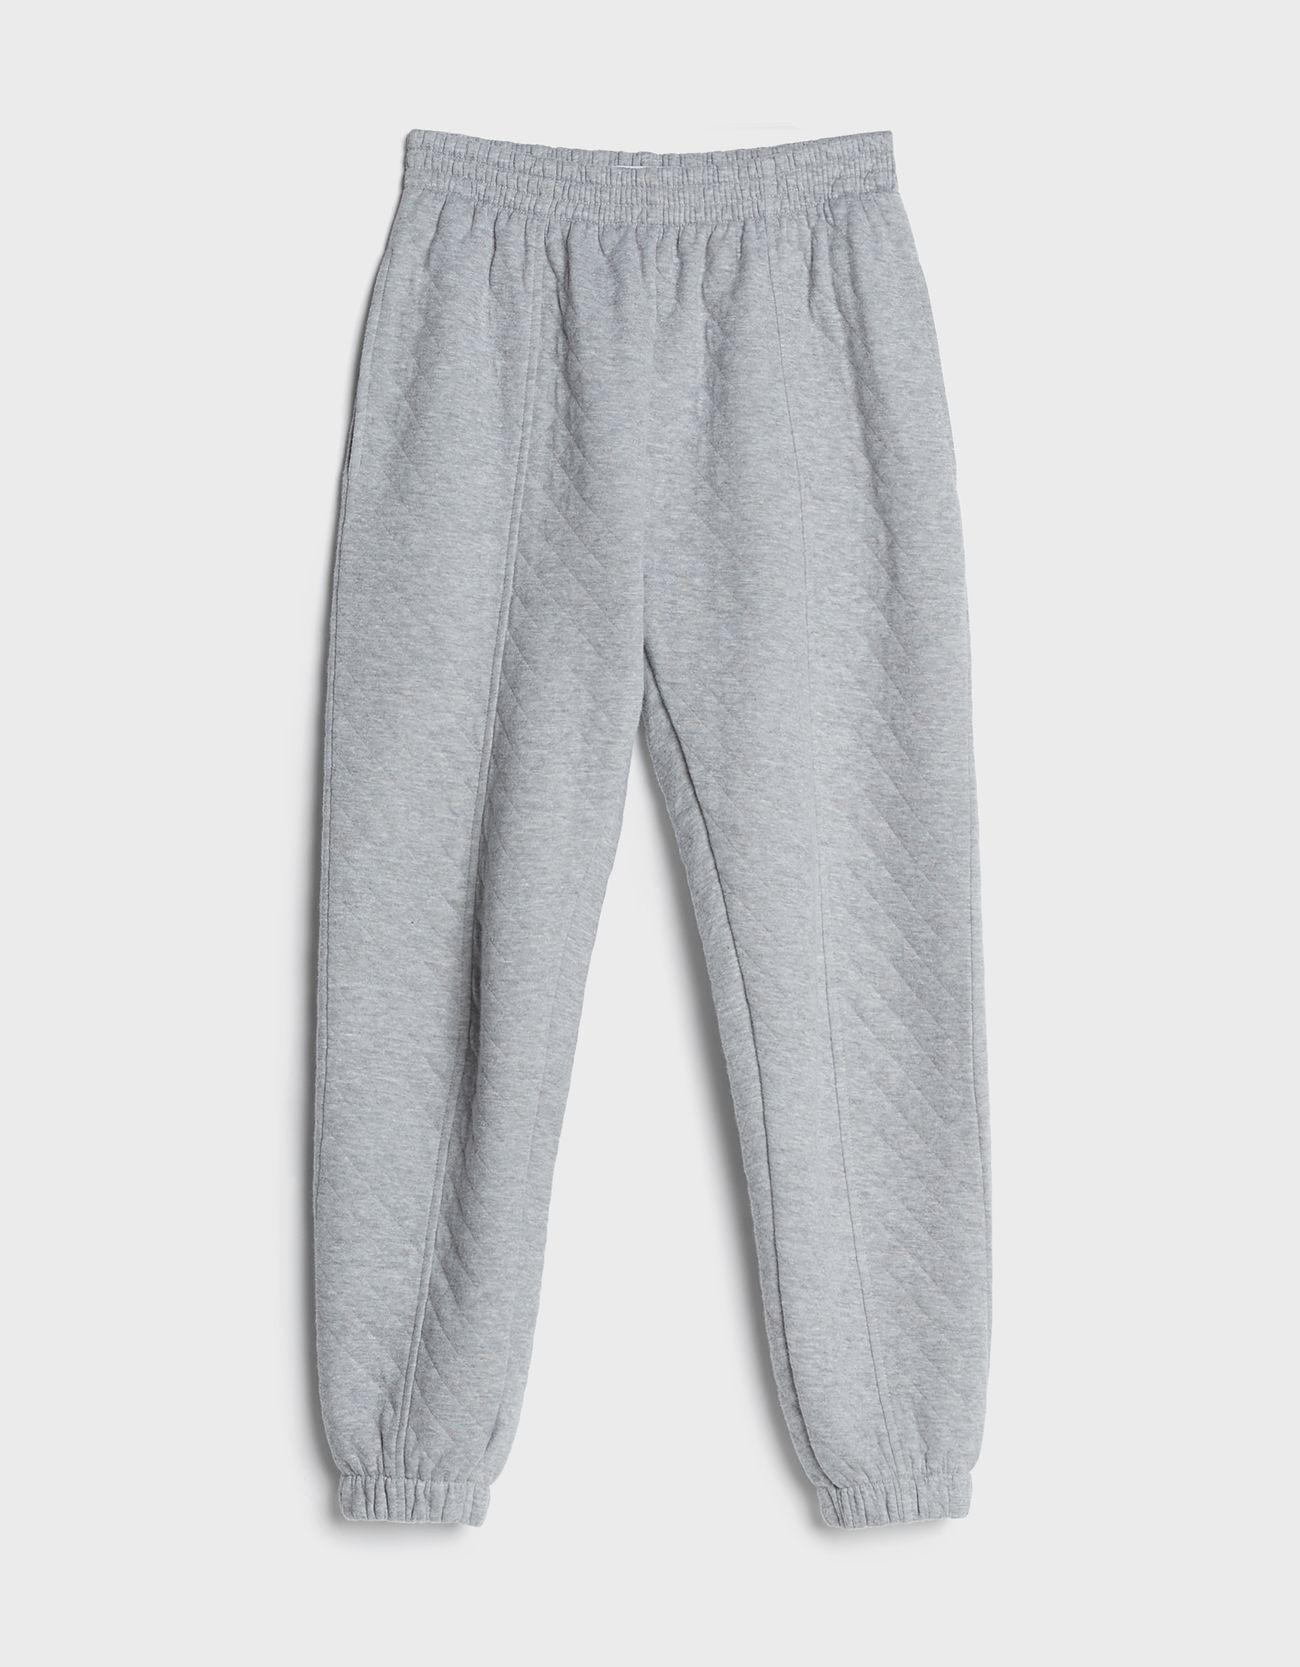 Pantalón jogger textura.